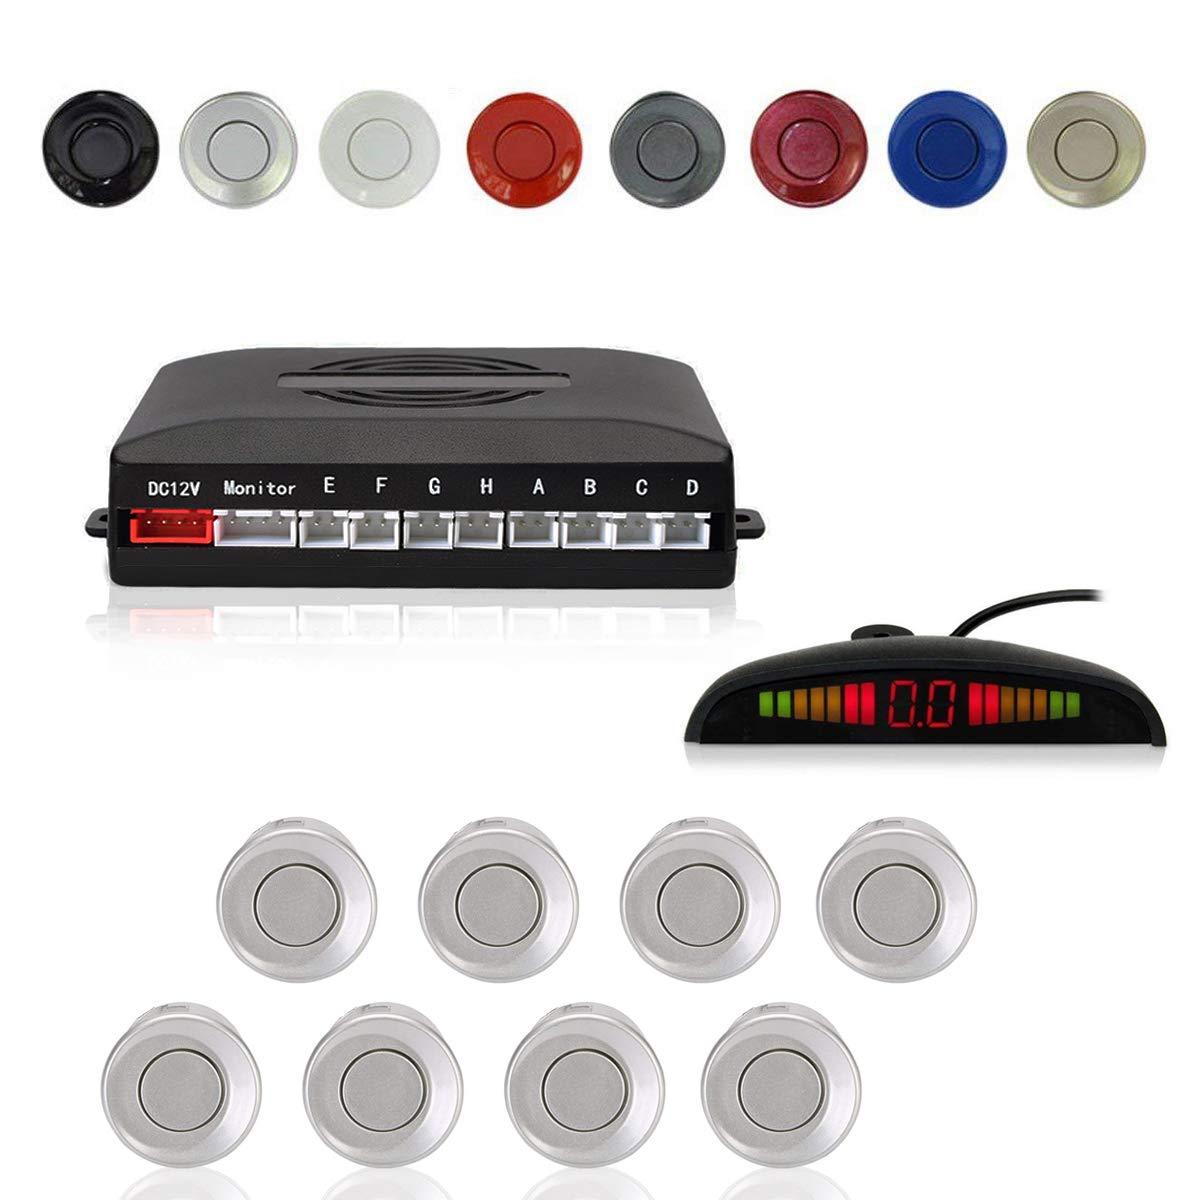 4 Capteurs Cocar Champagne Or Voiture Radar de Recul LED Parking Beep /& park Assist Syst/ème avec Distance Affichage R/étro Aide au Parcage